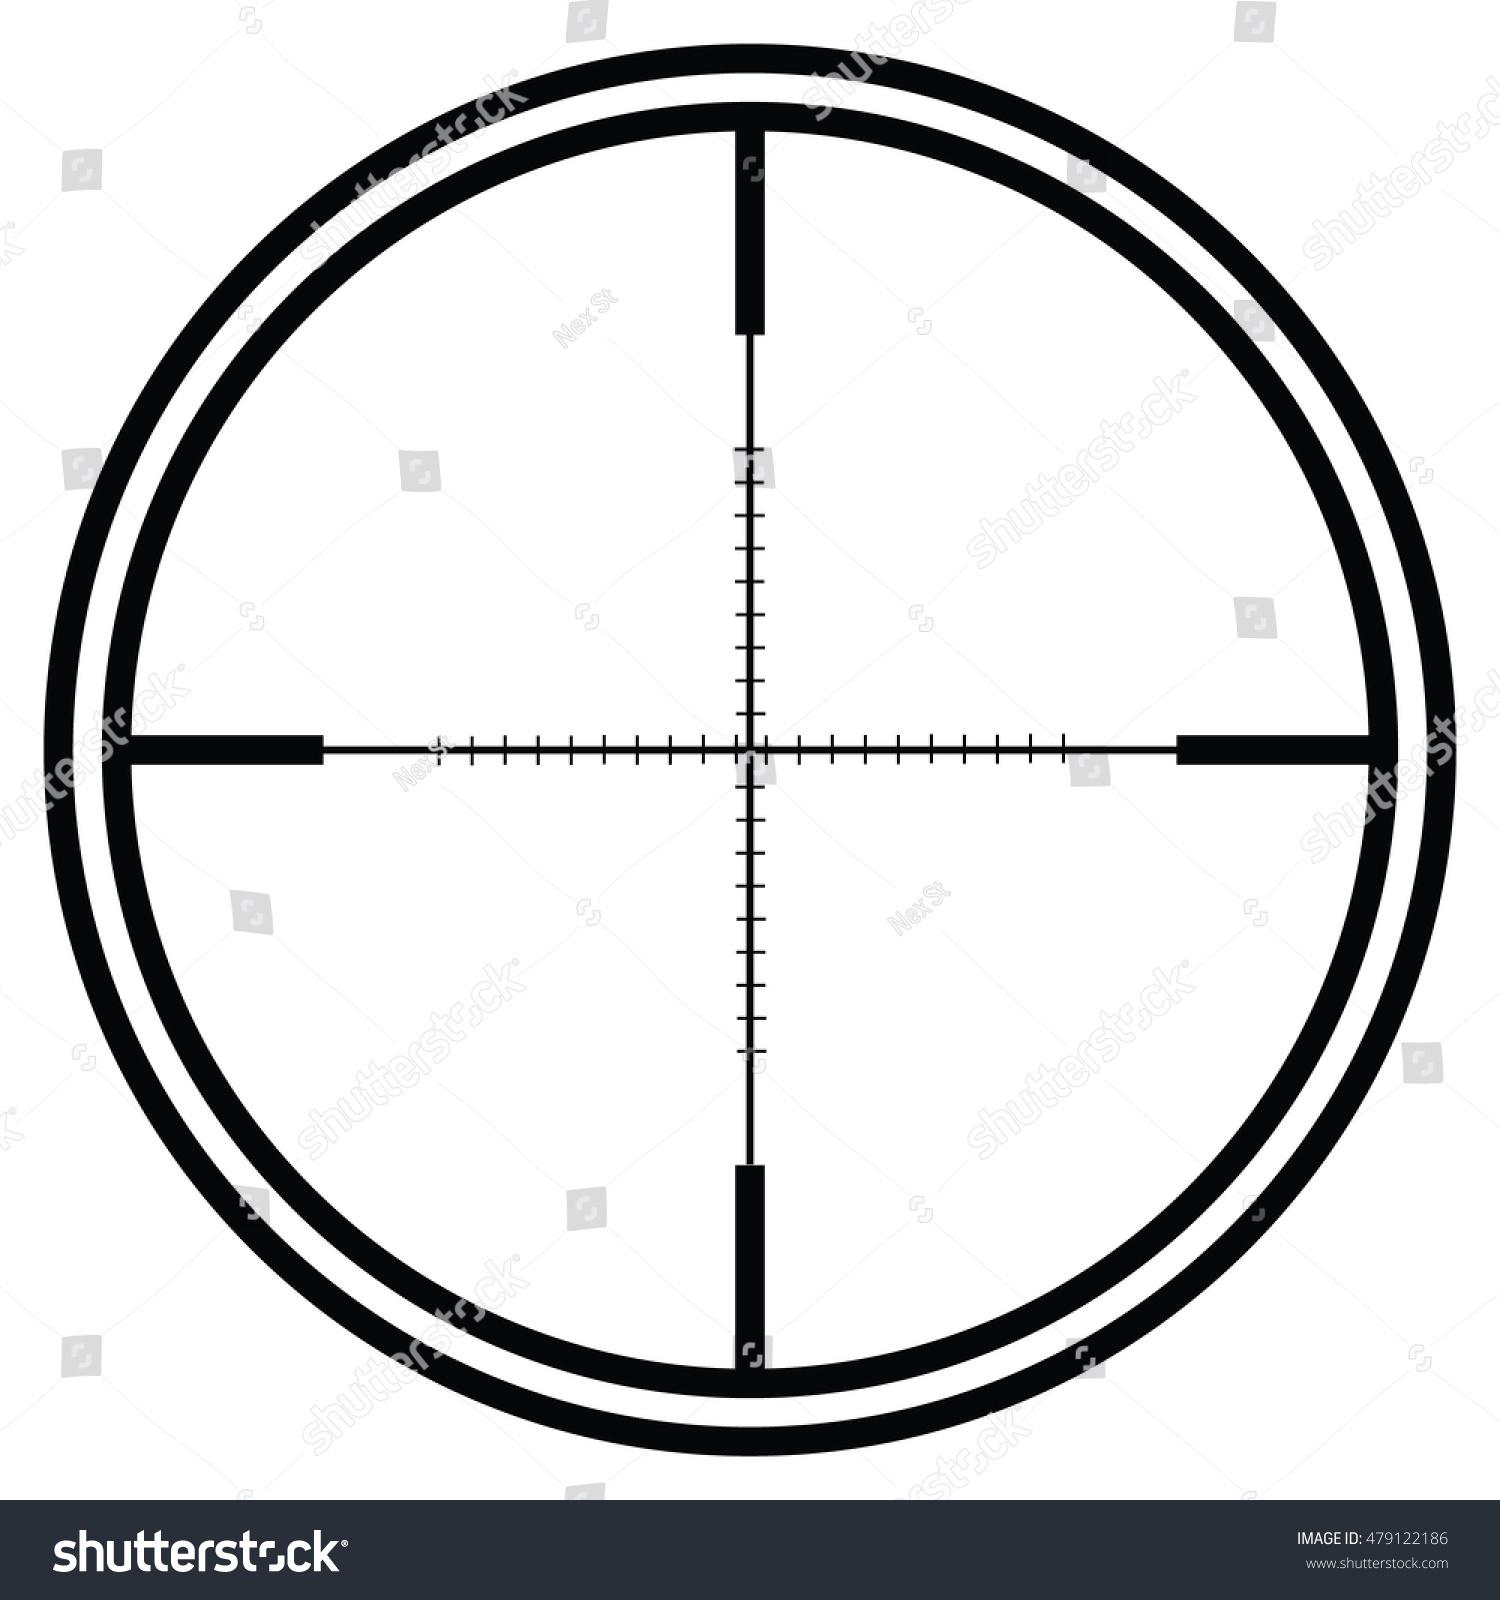 Us Army Sniper Logo Fondos de pantalla Imágenes por Jermain35 ...